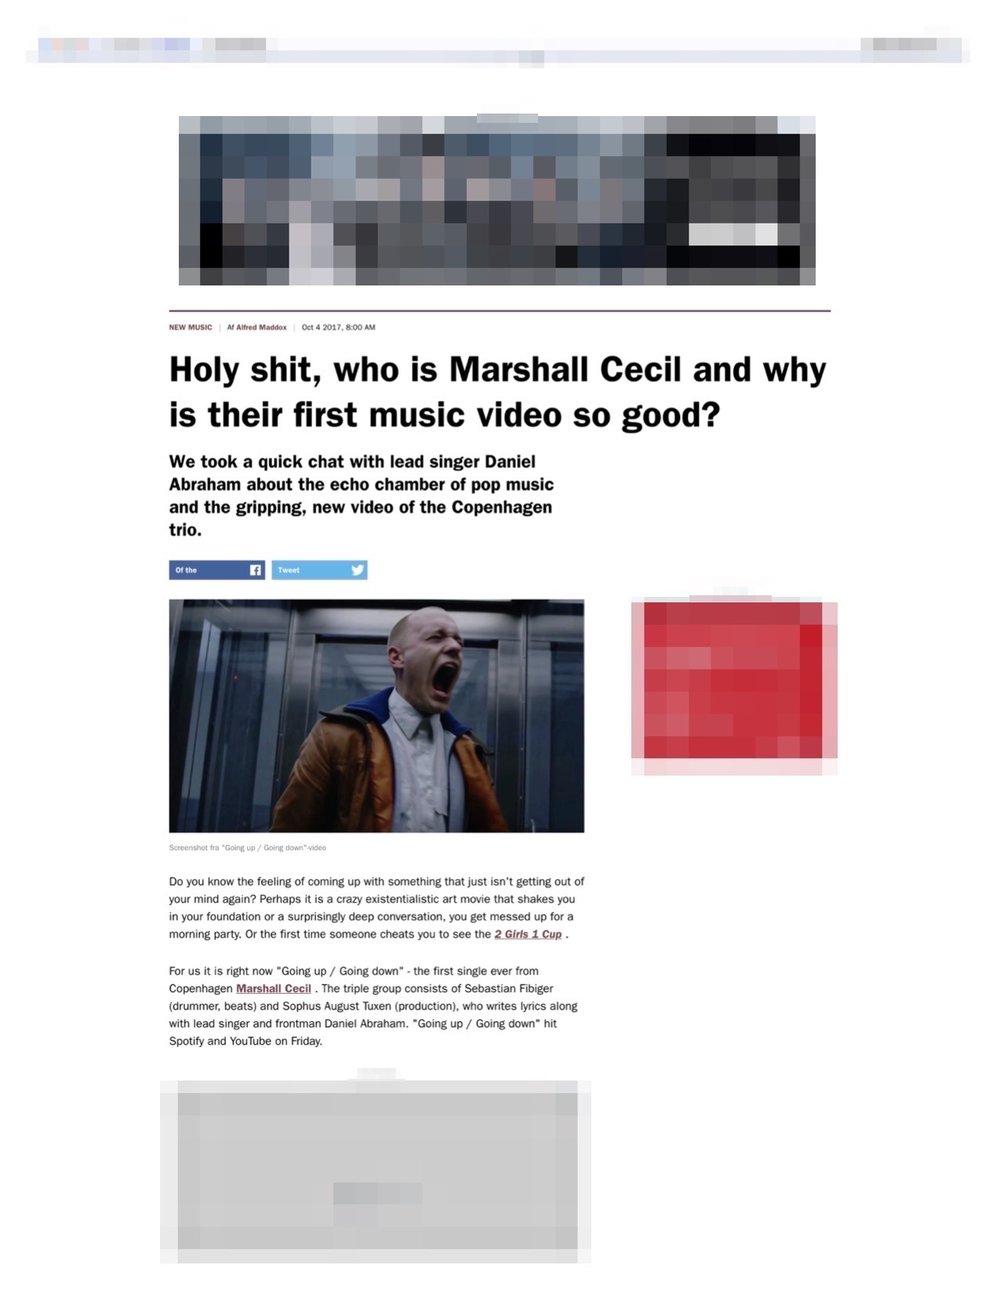 holy_shit13.jpg